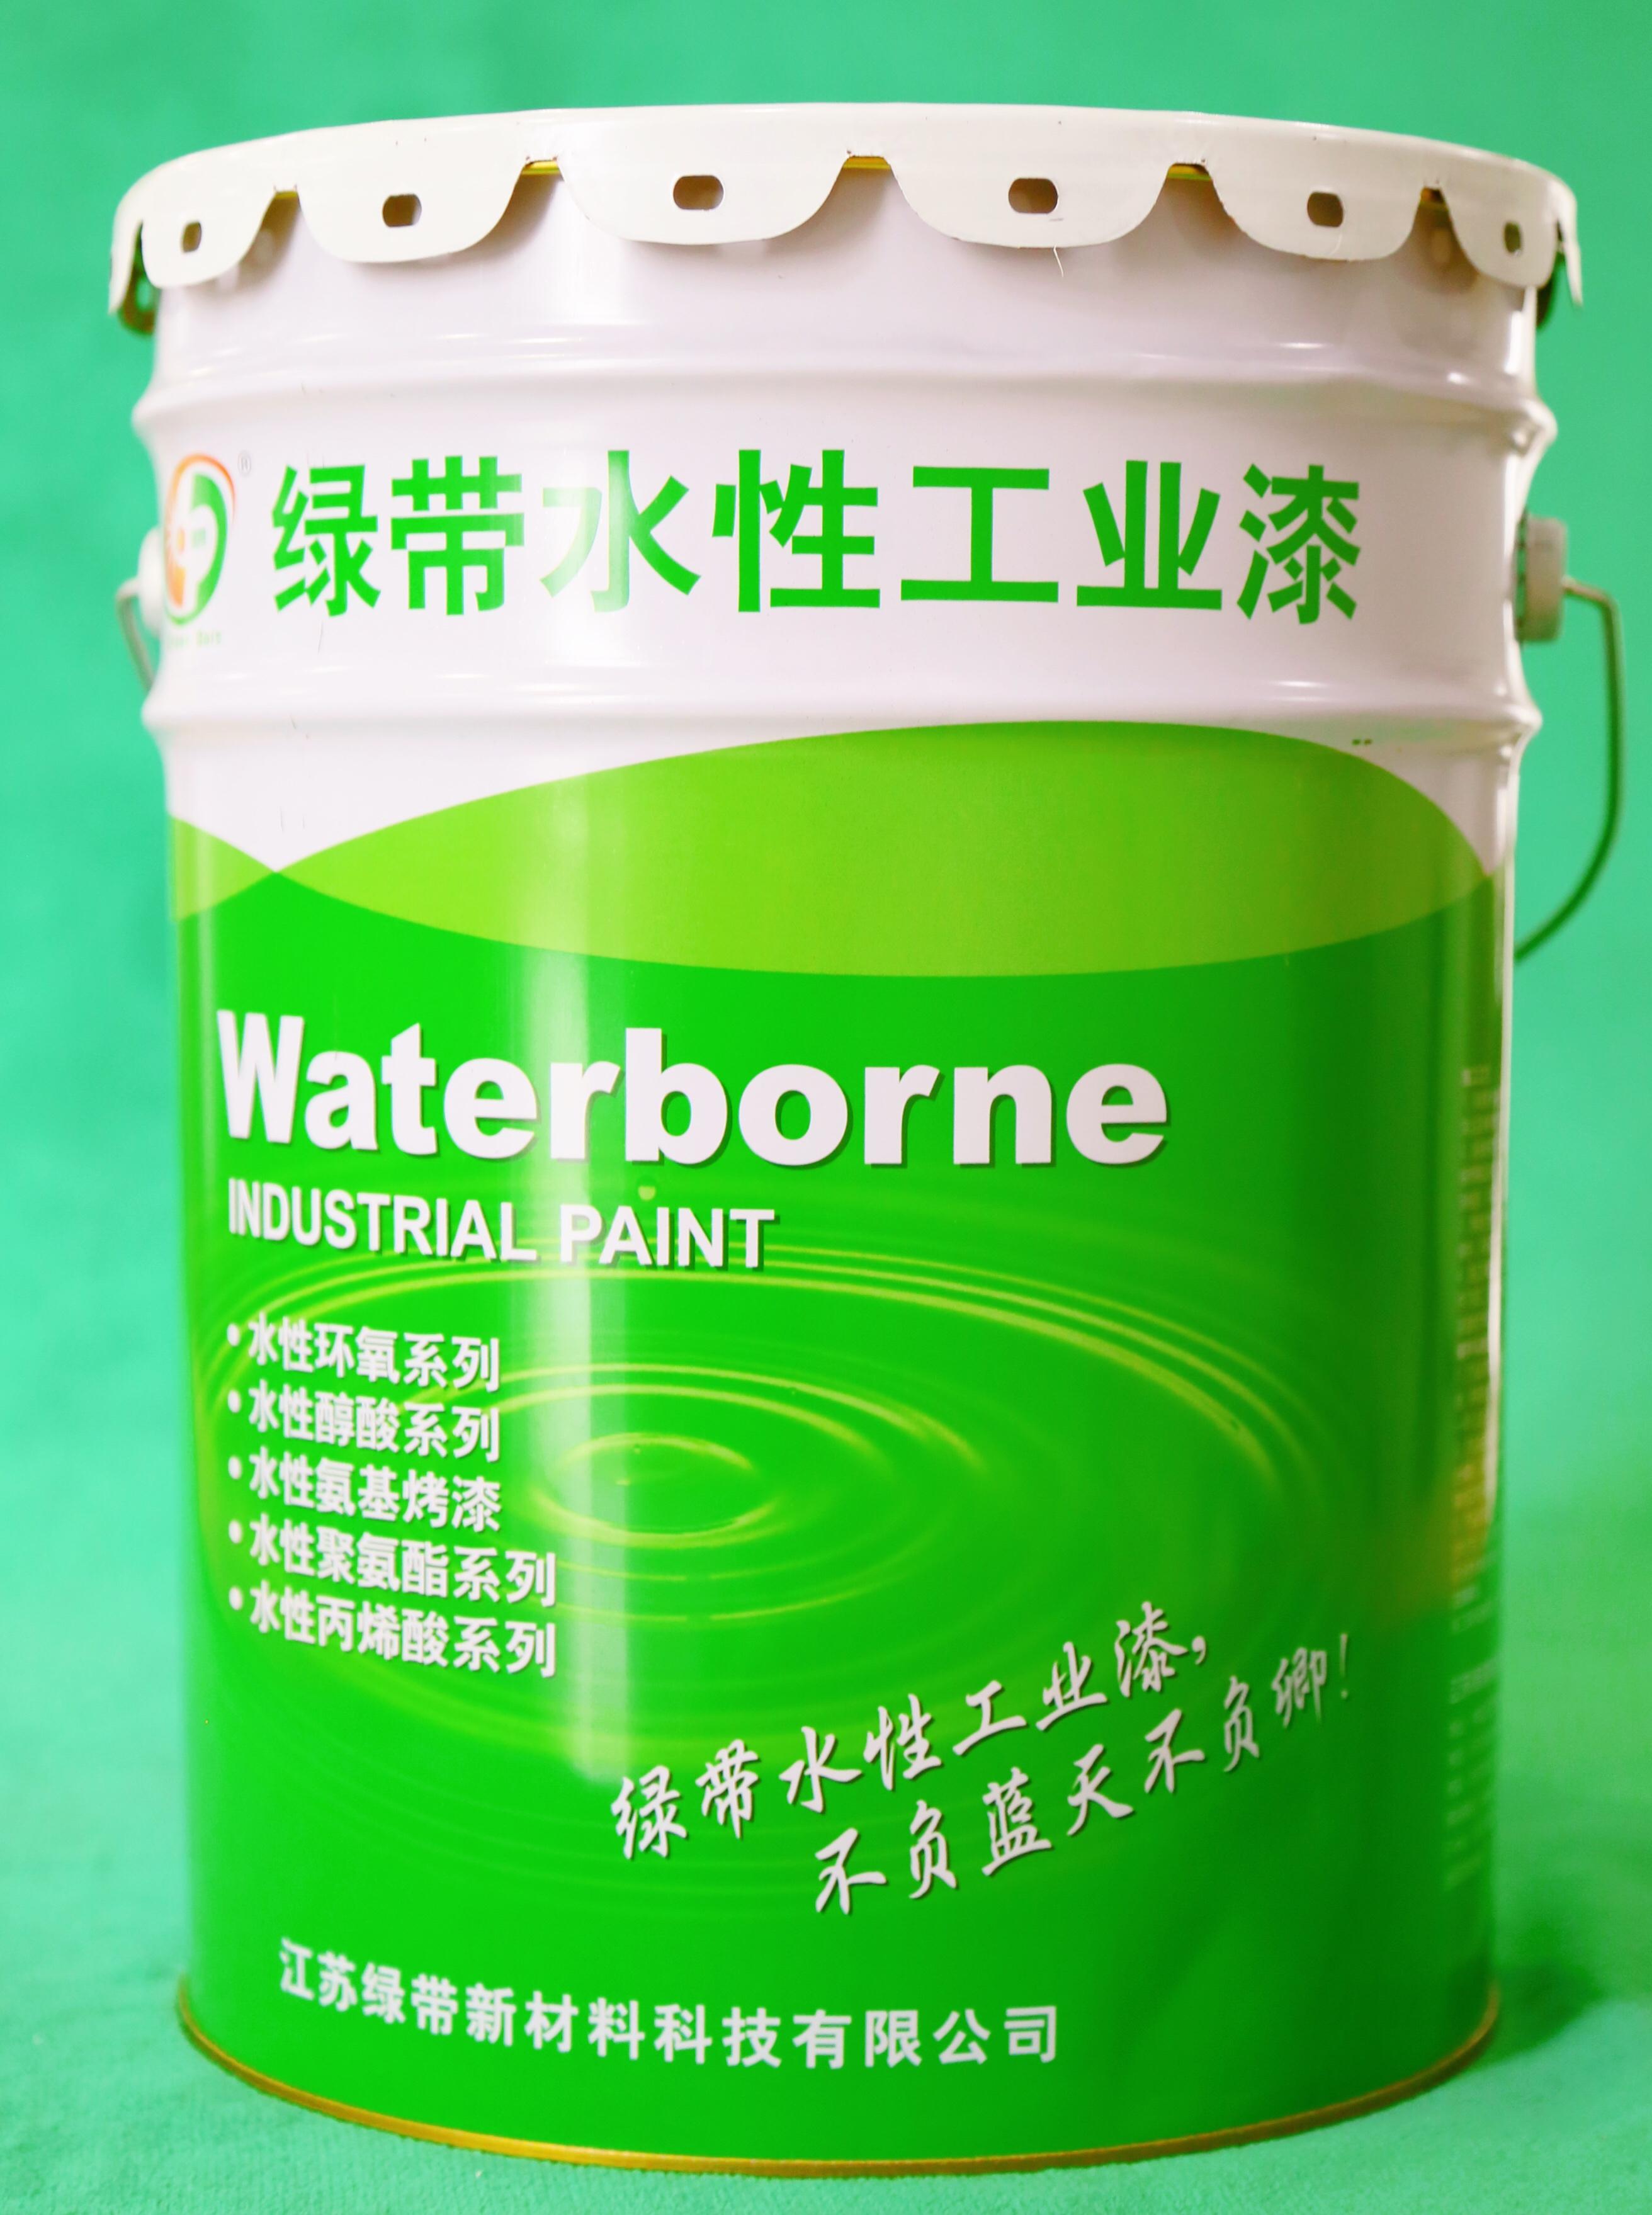 水性環氧富鋅底漆水性環氧富鋅底漆图片